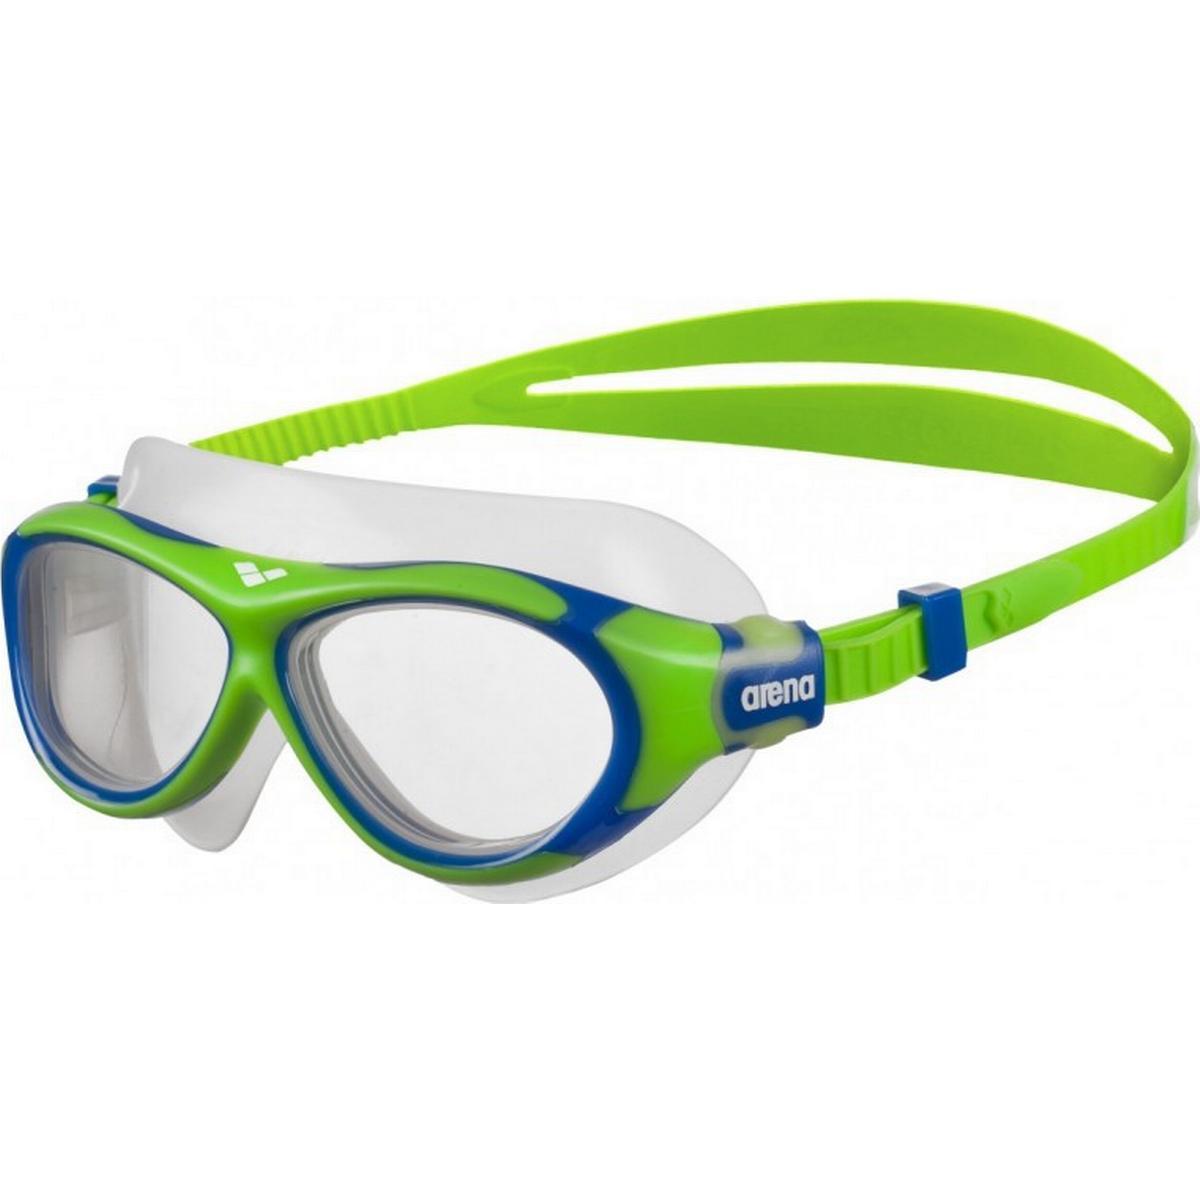 17d8a115c1b Arena Svømmebriller - Sammenlign priser hos PriceRunner